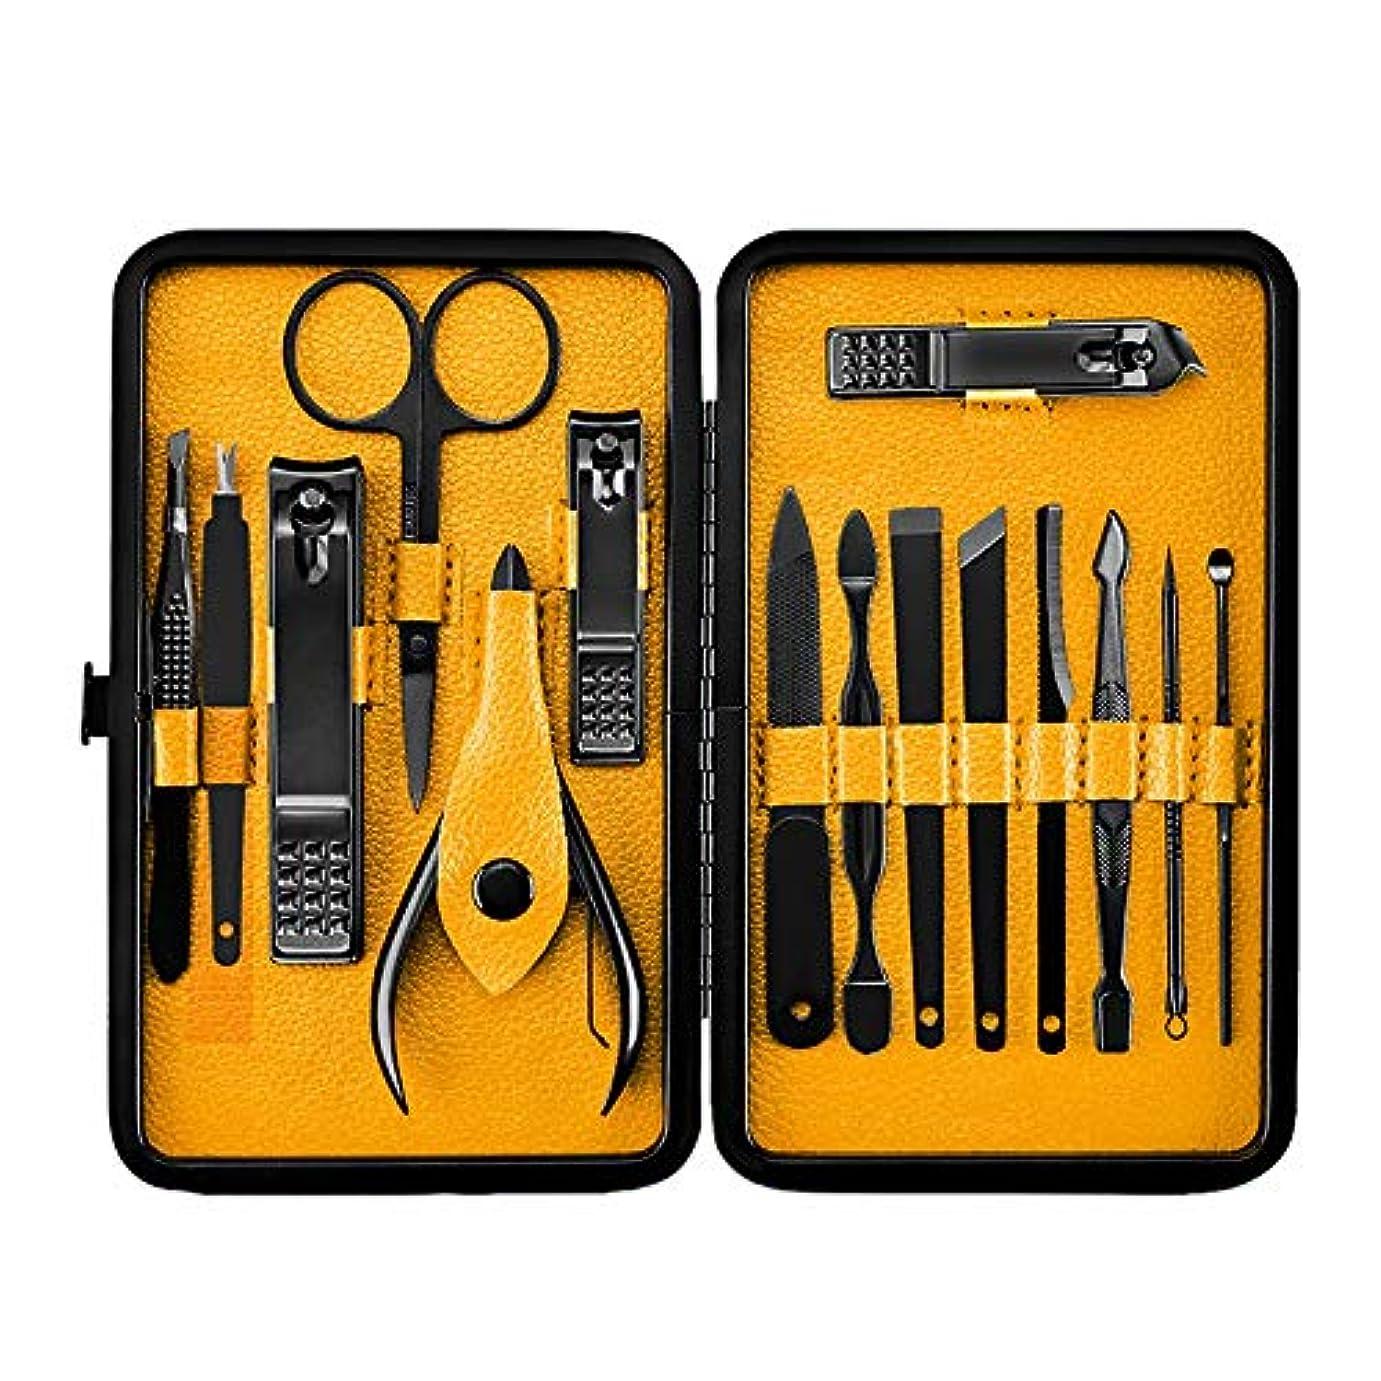 サドル囚人関係するCUHAWUDBA 15ピース、プロフェッショナル、マニキュア、ステンレス鋼製ネイルのクリッパー、爪切り、はさみのセット、キット、マニキュアのセット、ネイルのツール、ネイルアートのツール